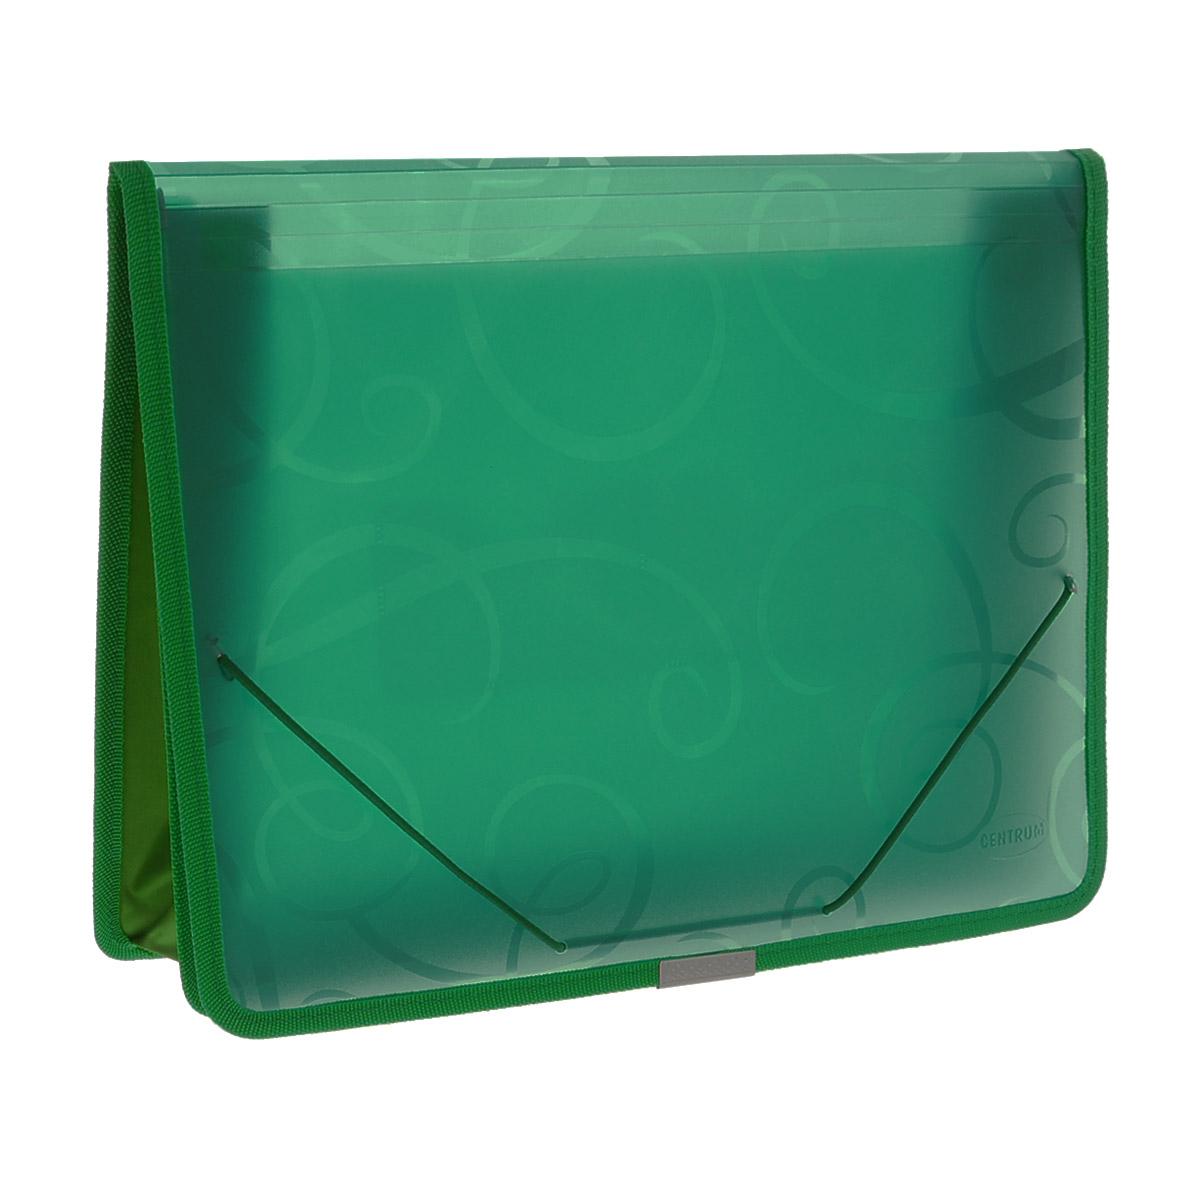 Папка на резинке Centrum, цвет: зеленый, формат А4. 80802 папки канцелярские centrum папка регистр а4 5 см фиолетовая